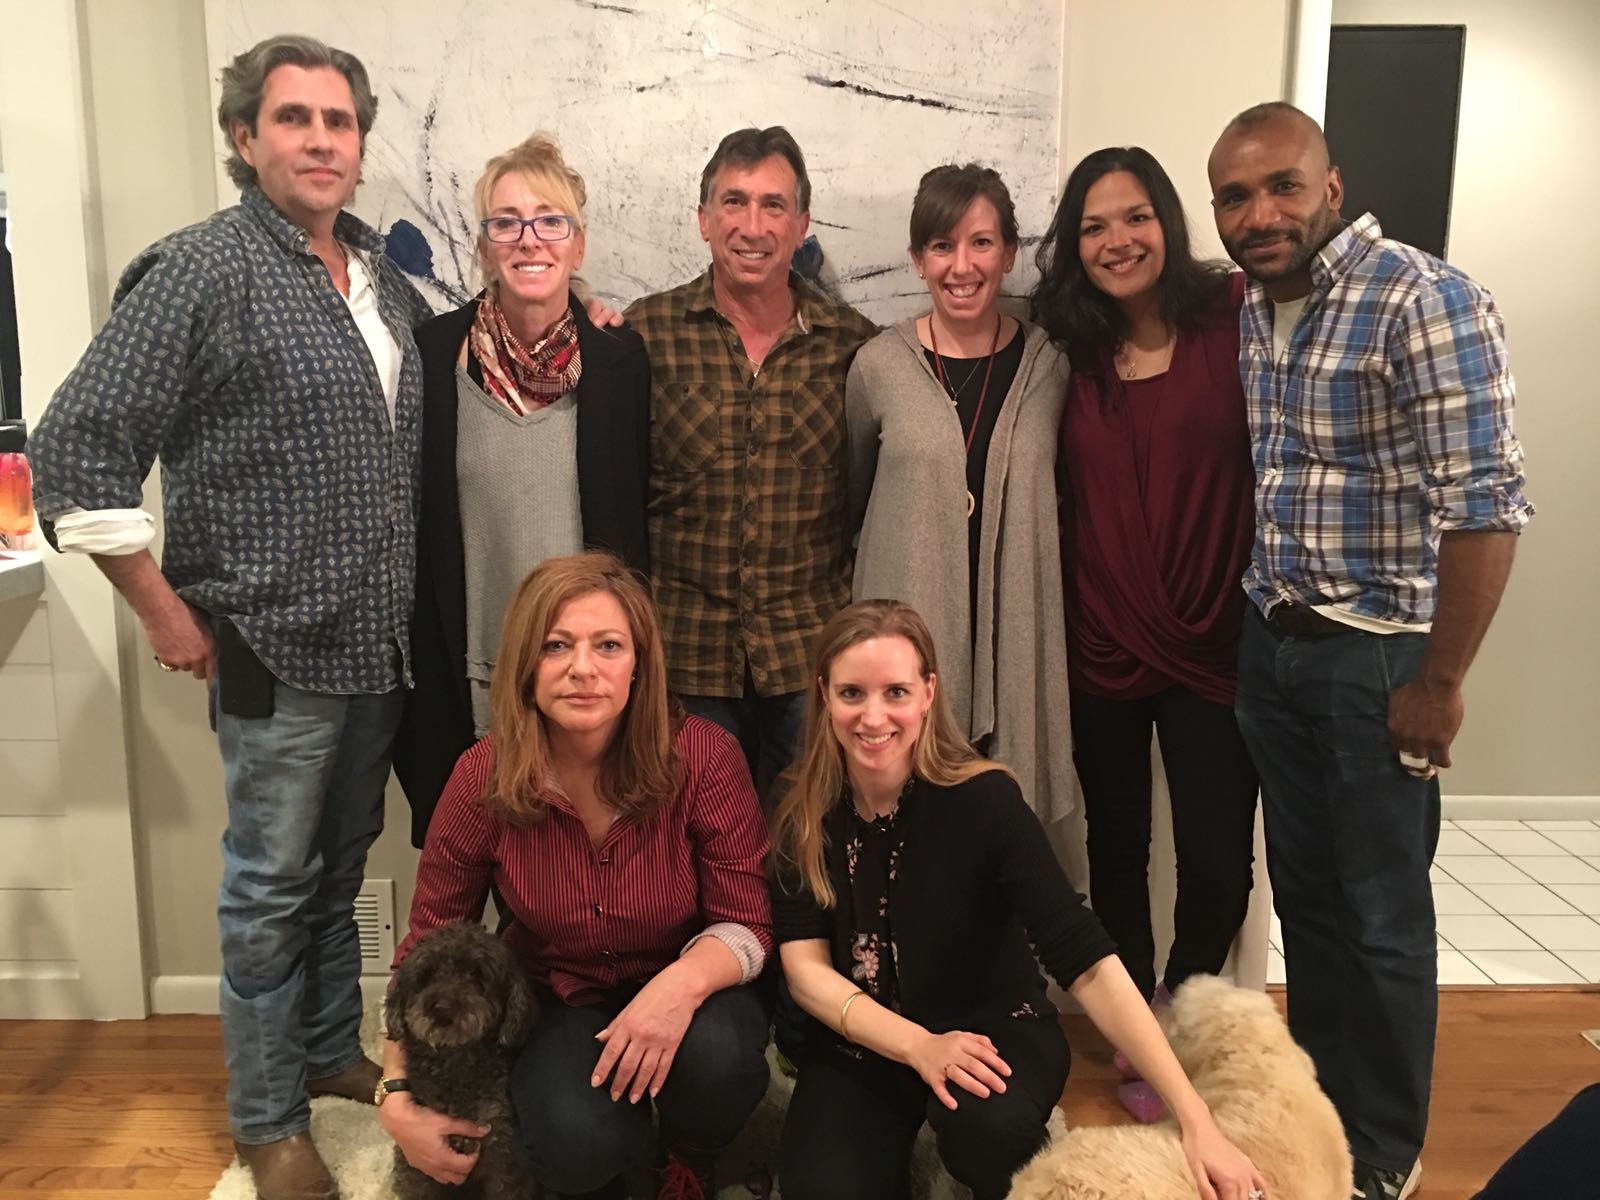 Top row:  Bob Greenfield, Diane Stern, Ken Stern, CEO/Co-founder Brooke Stern, Nathanya Ahamed, Omari Jinaki.  Bottom row:  Emily Fordham, Ellie Reiter